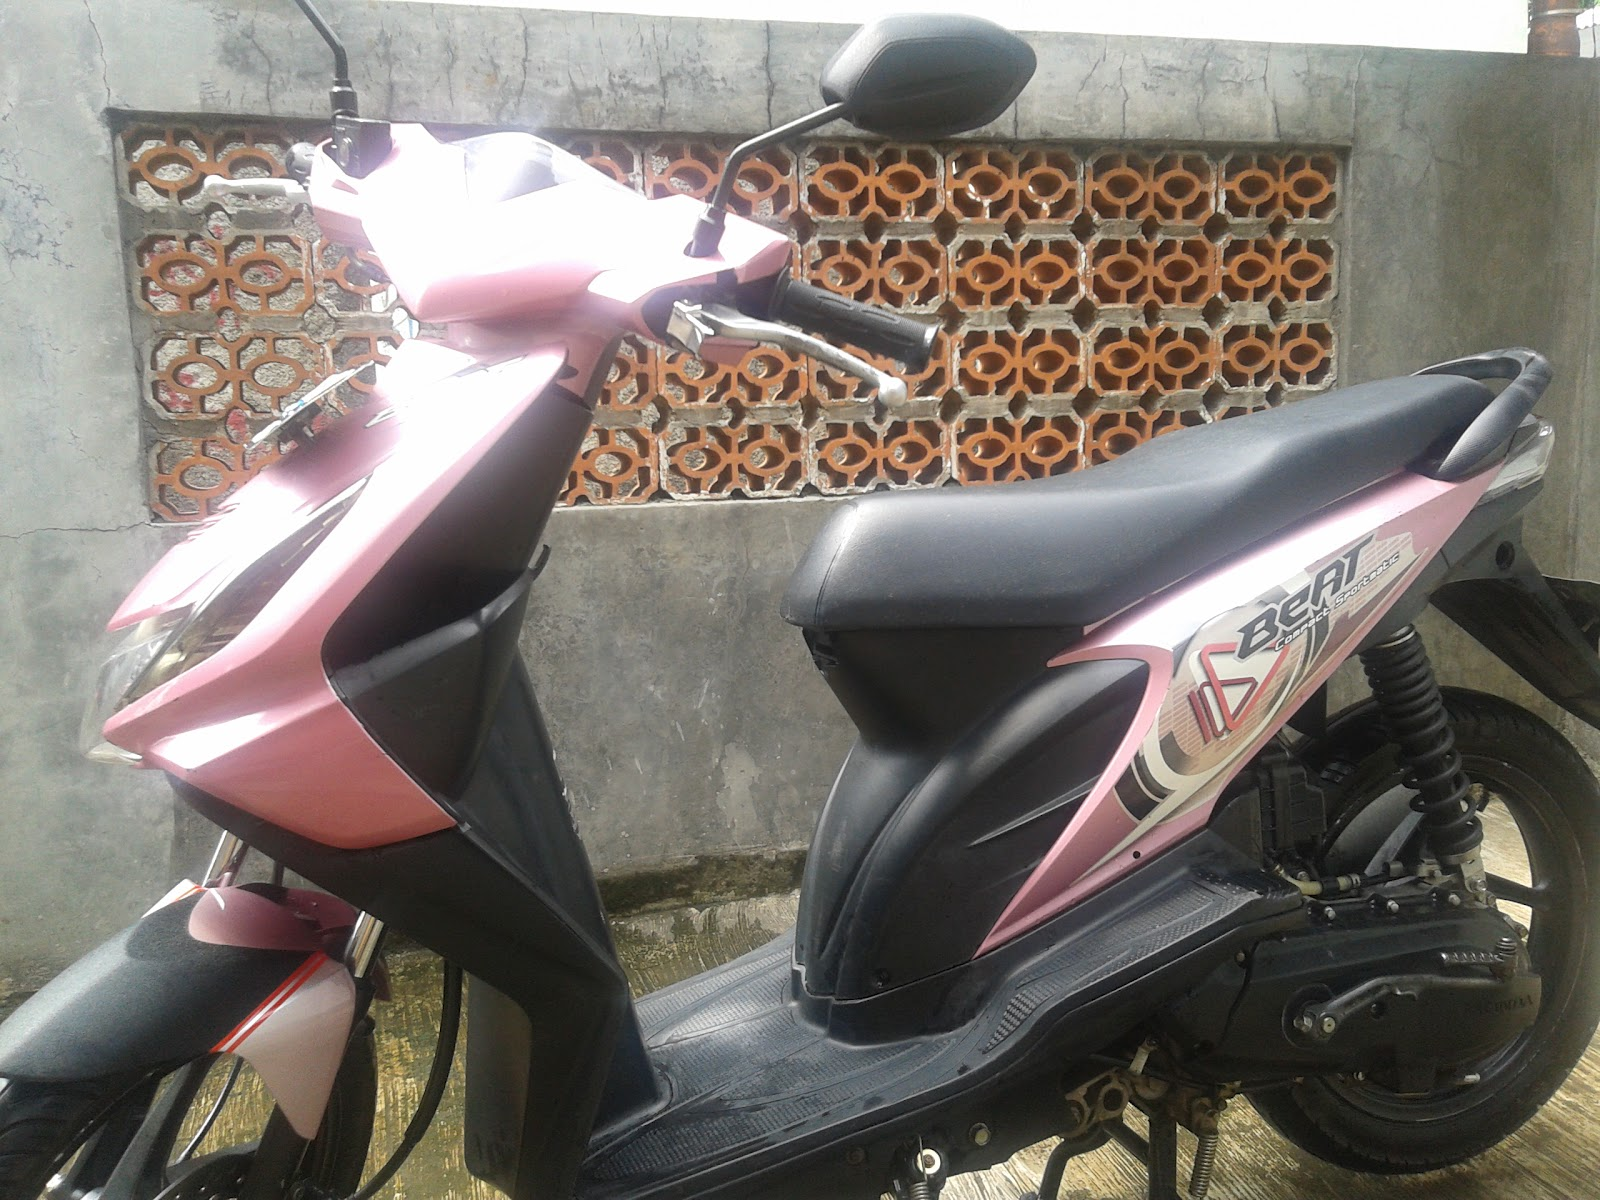 motor-motormu: di jual motor bekas honda beat cw 2009 pink.pink